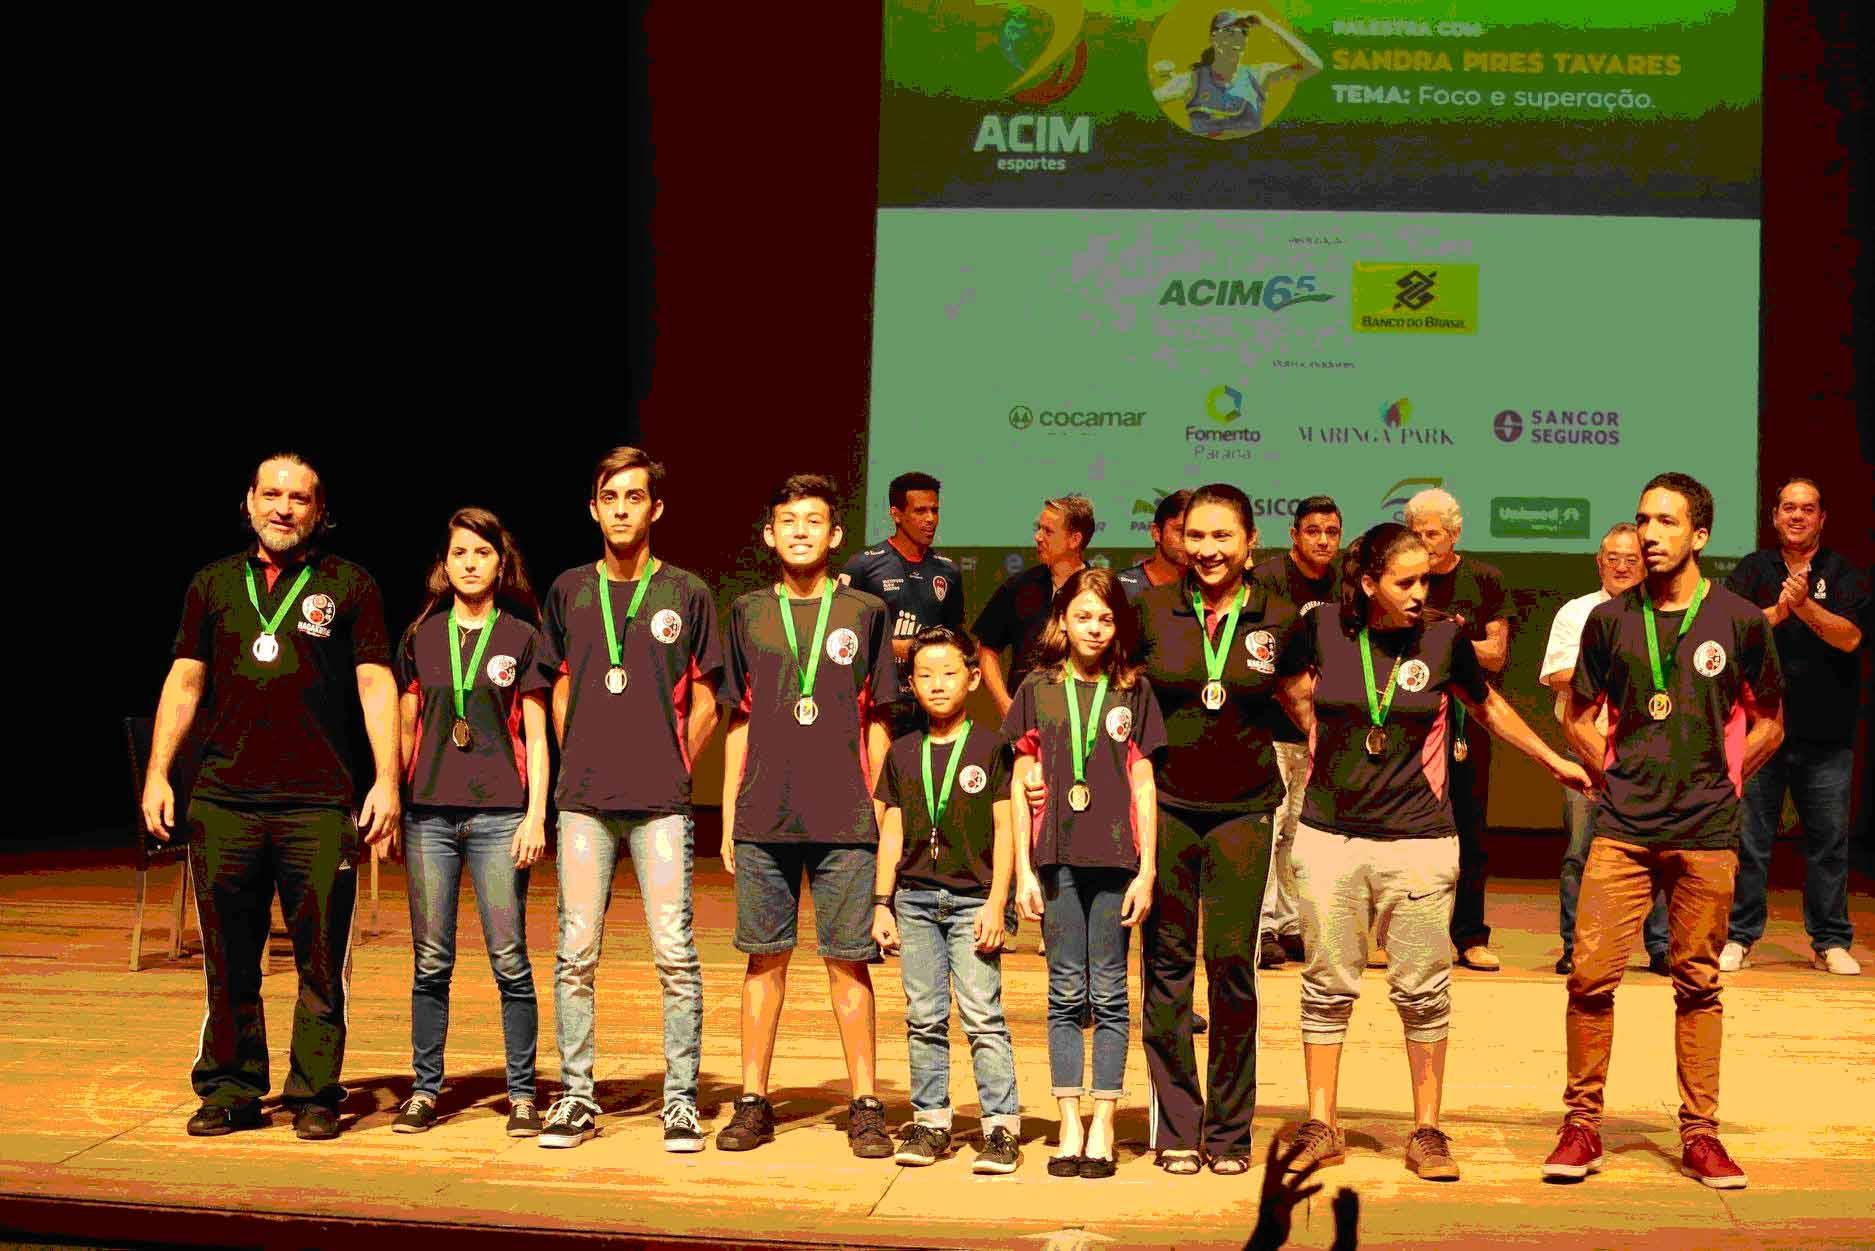 Atletas da UEM recebem homenagem da ACIM pelo destaque em 2018